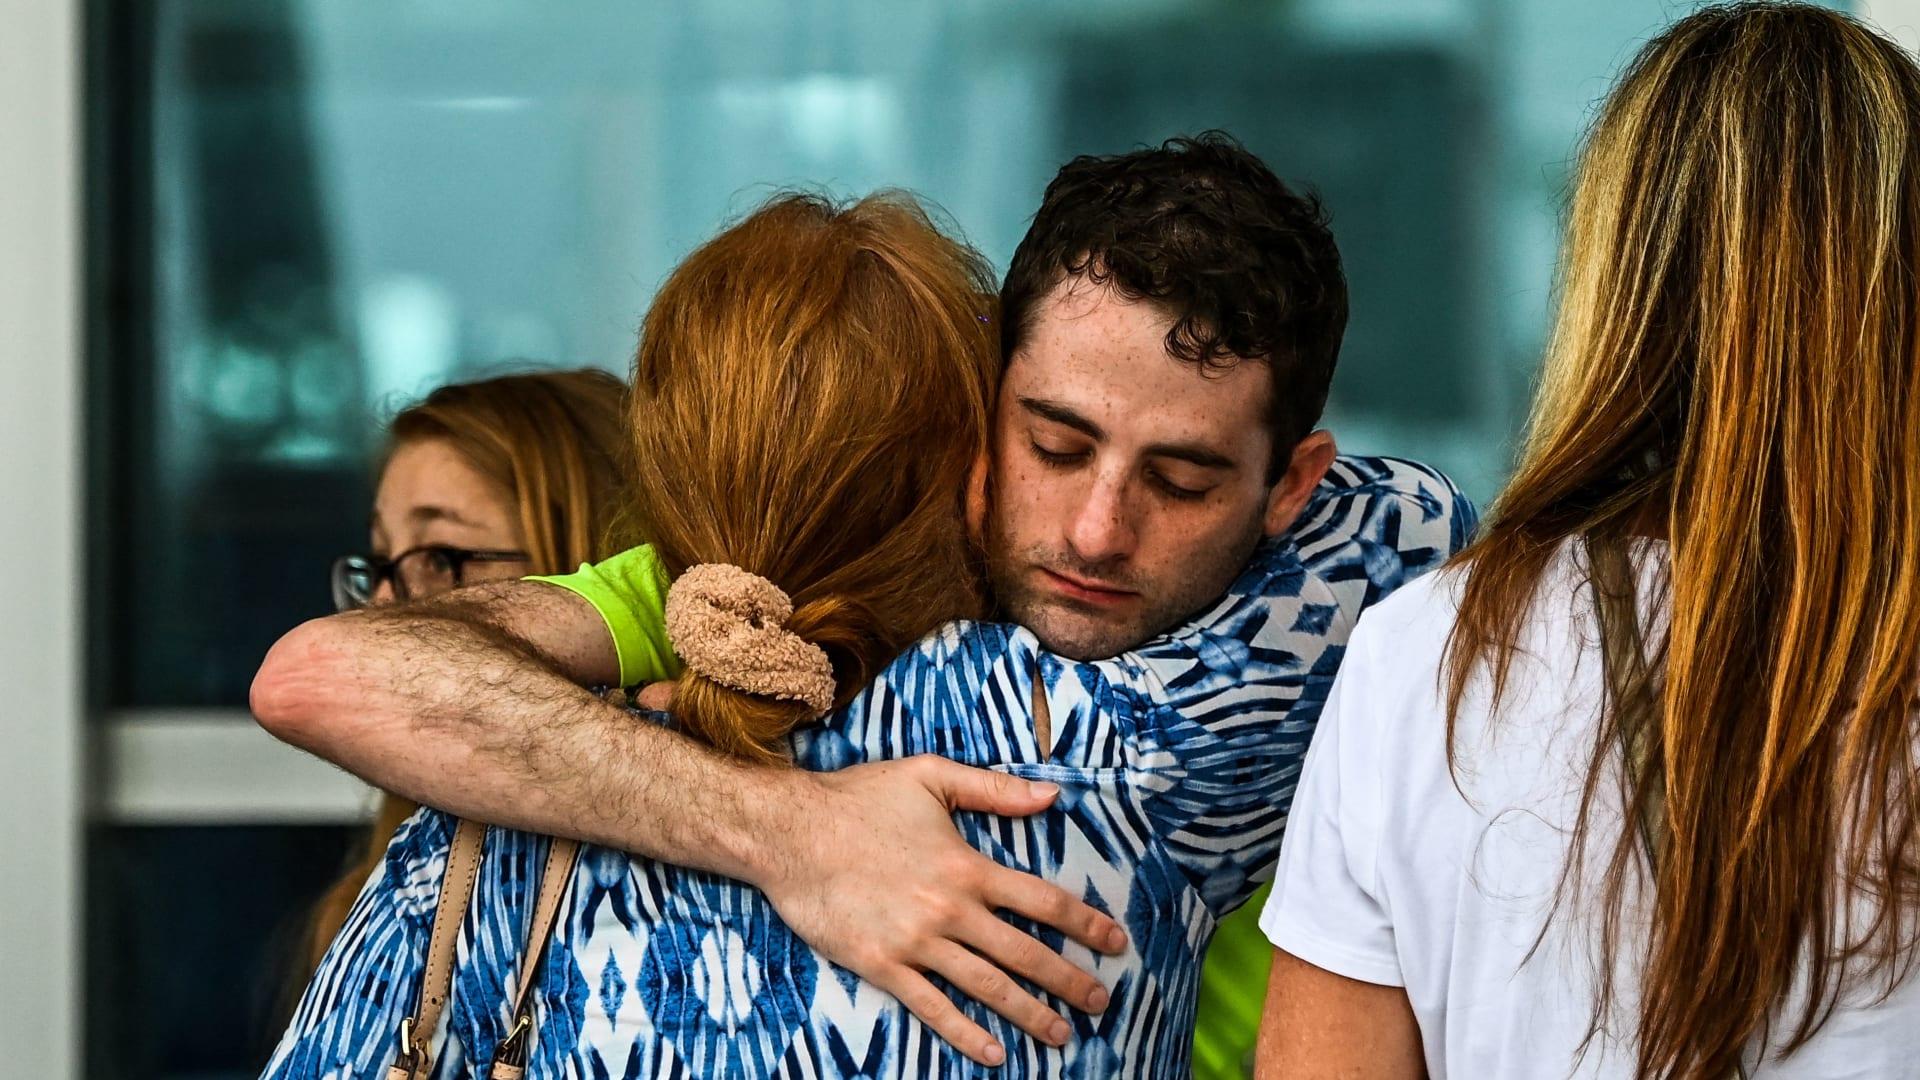 99 شخصًا ما زالوا في عداد المفقودين في انهيار مبنى بولاية فلوريدا